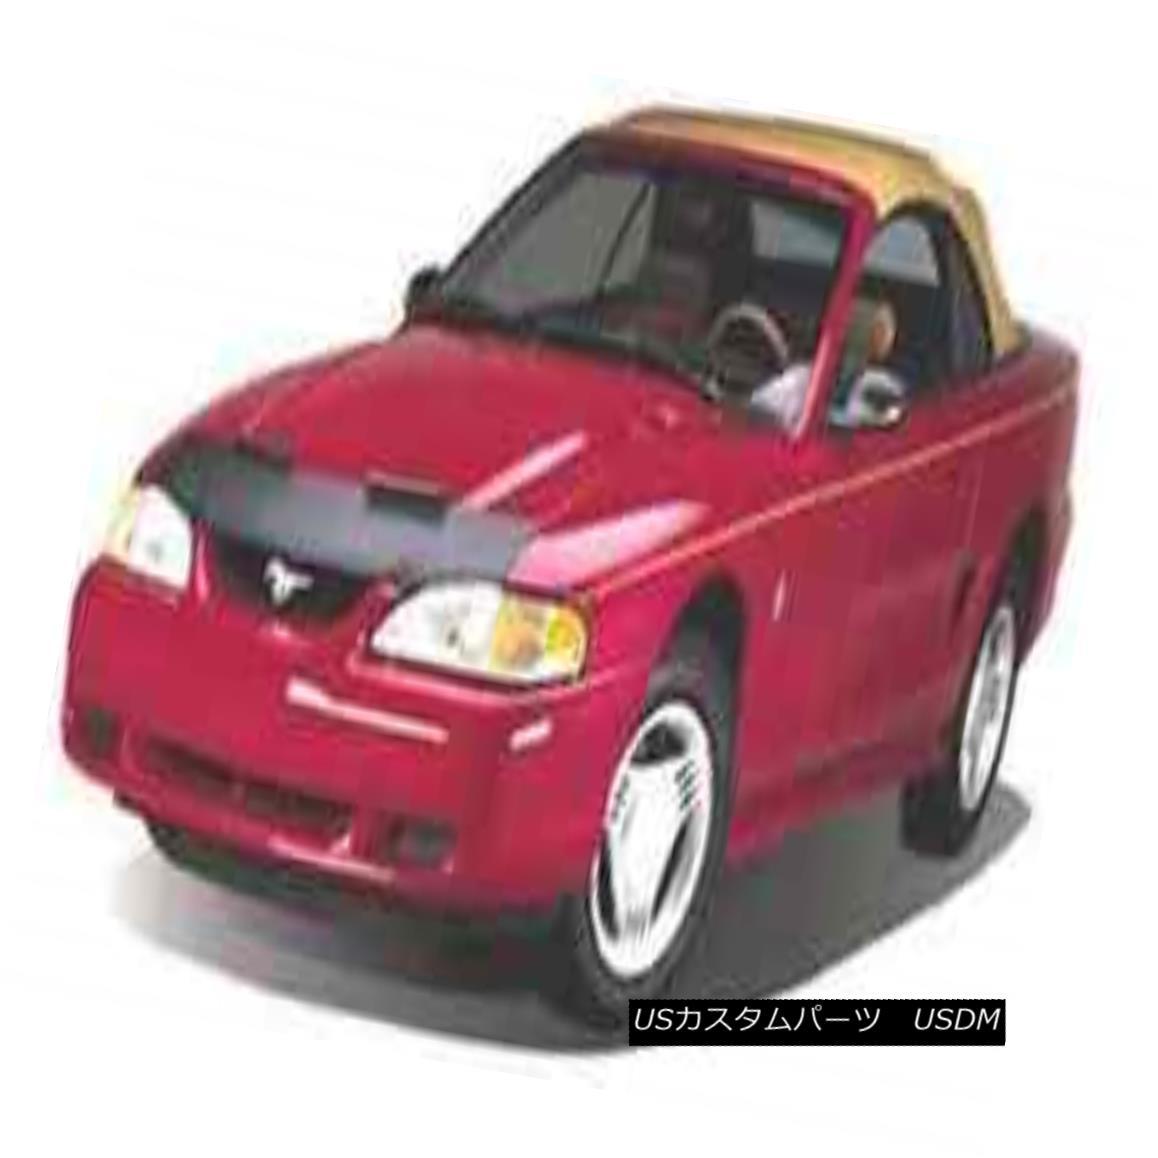 フルブラ ノーズブラ Mini Mask Bra Hood Protector Fits Chevy Camaro 1998-2002 ミニマスクブラジャーのフードプロテクターは、シェビーカマロ1998-2002に合う